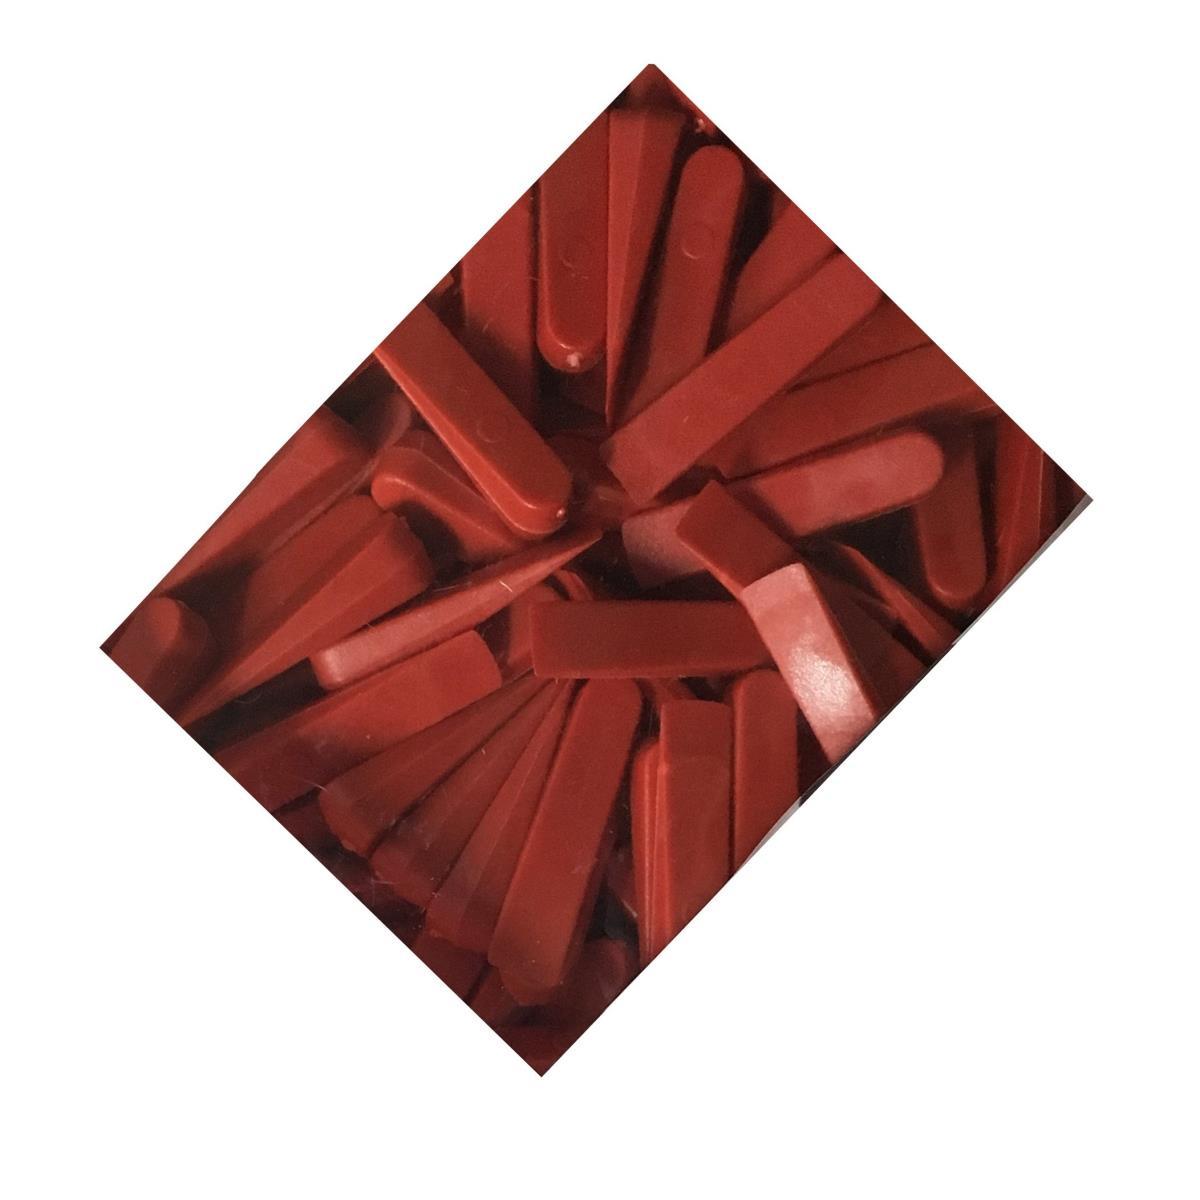 Rubi keramische Fliesenfixierer 7,5mm Keile Fliesenabstandshalter Abstandshalter,R ubi,02397, 8413797023978